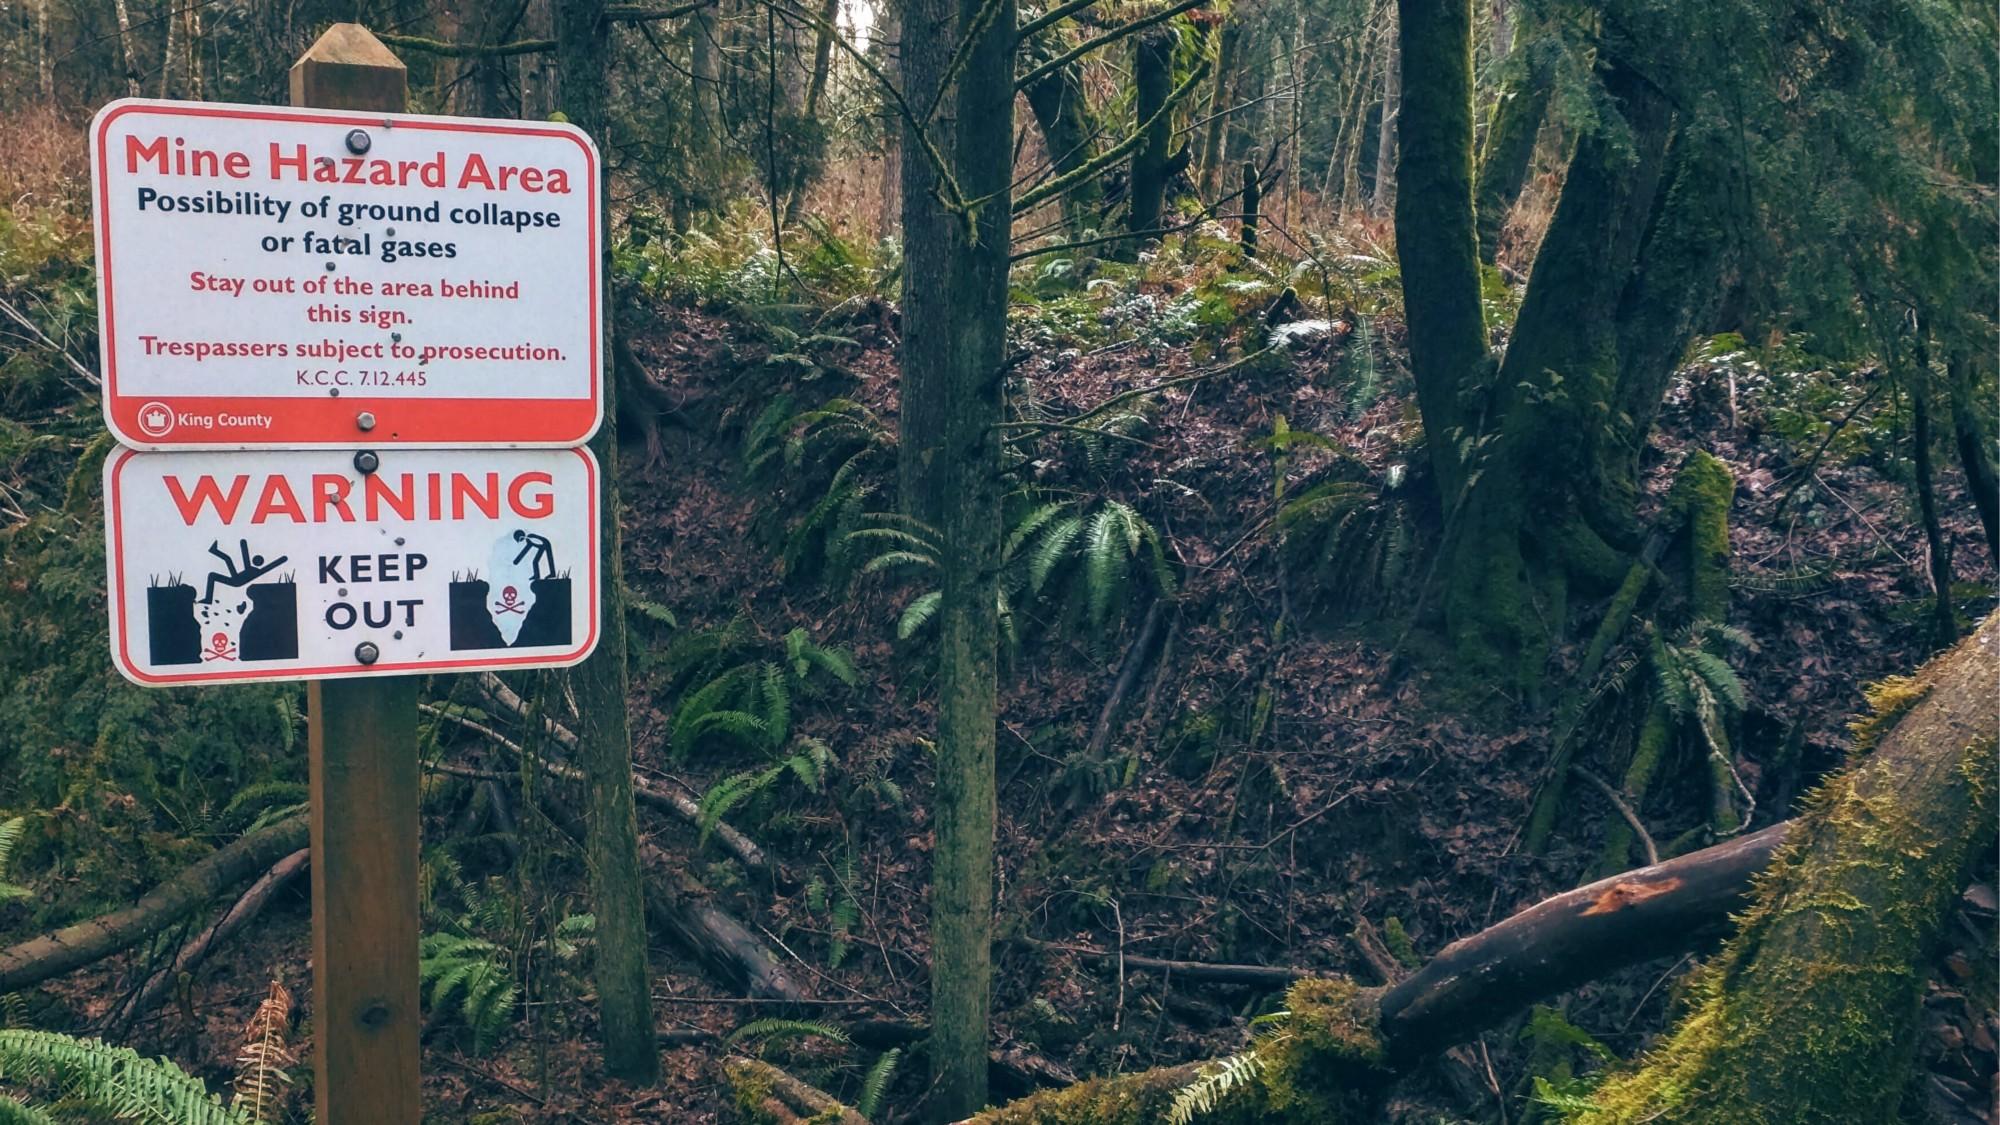 Mine hole hazard area